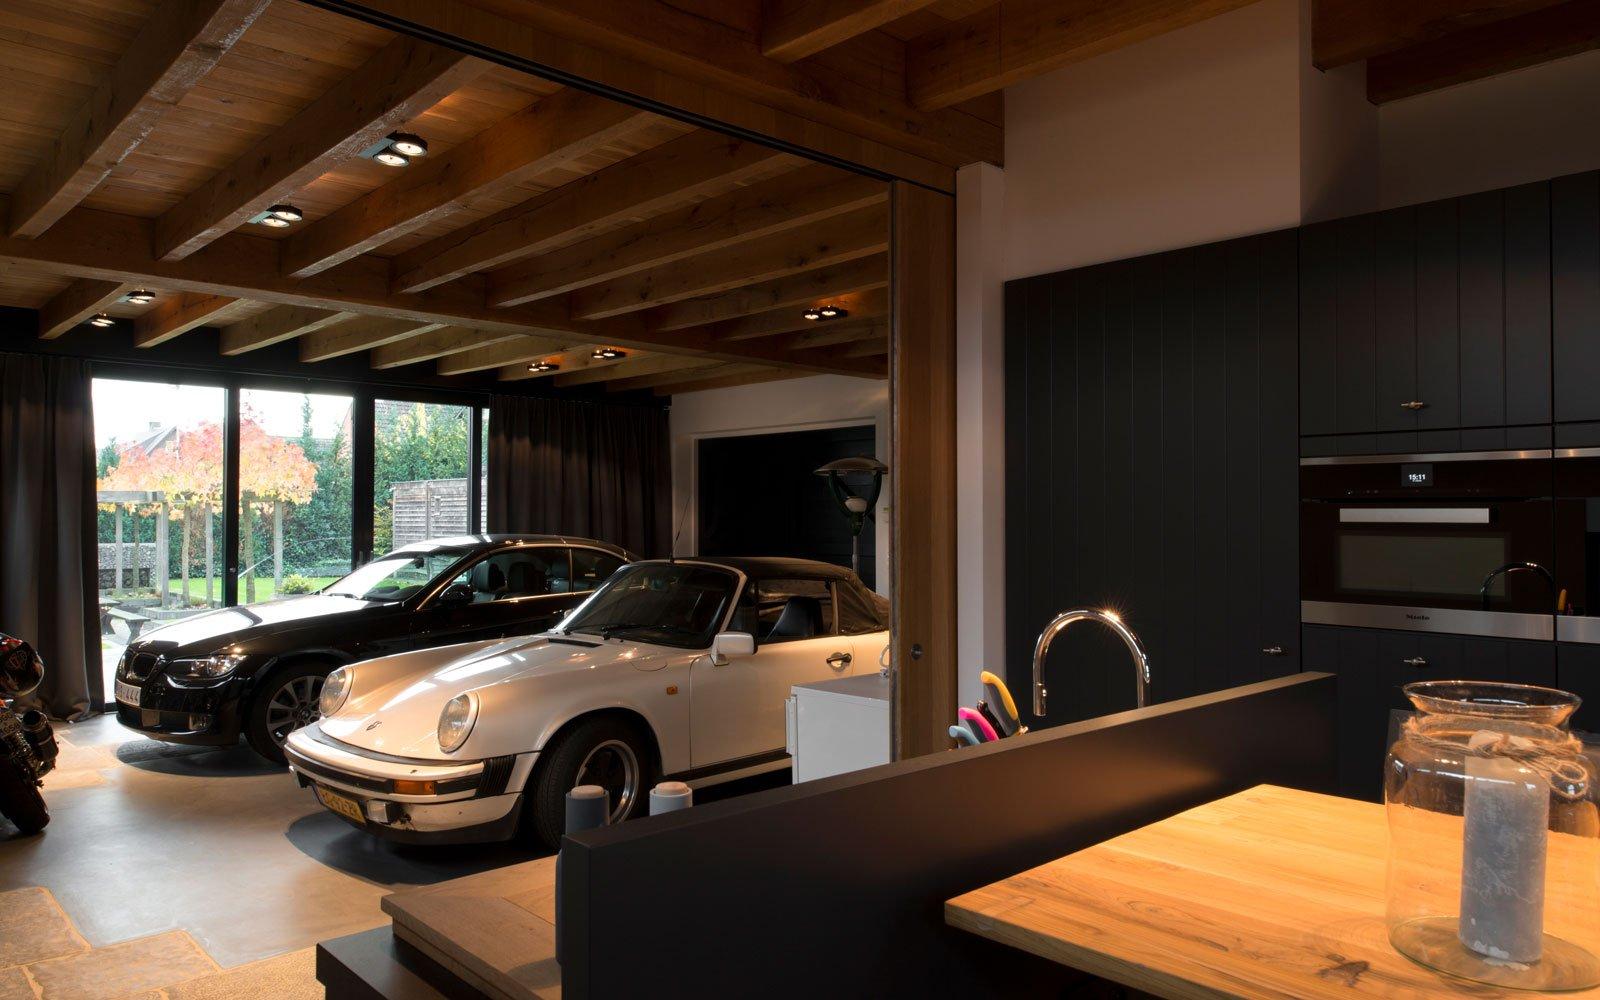 parkeerplaats, luxe auto's keuken, open verbinding, gastenverblijf, modern, VVR Architecten